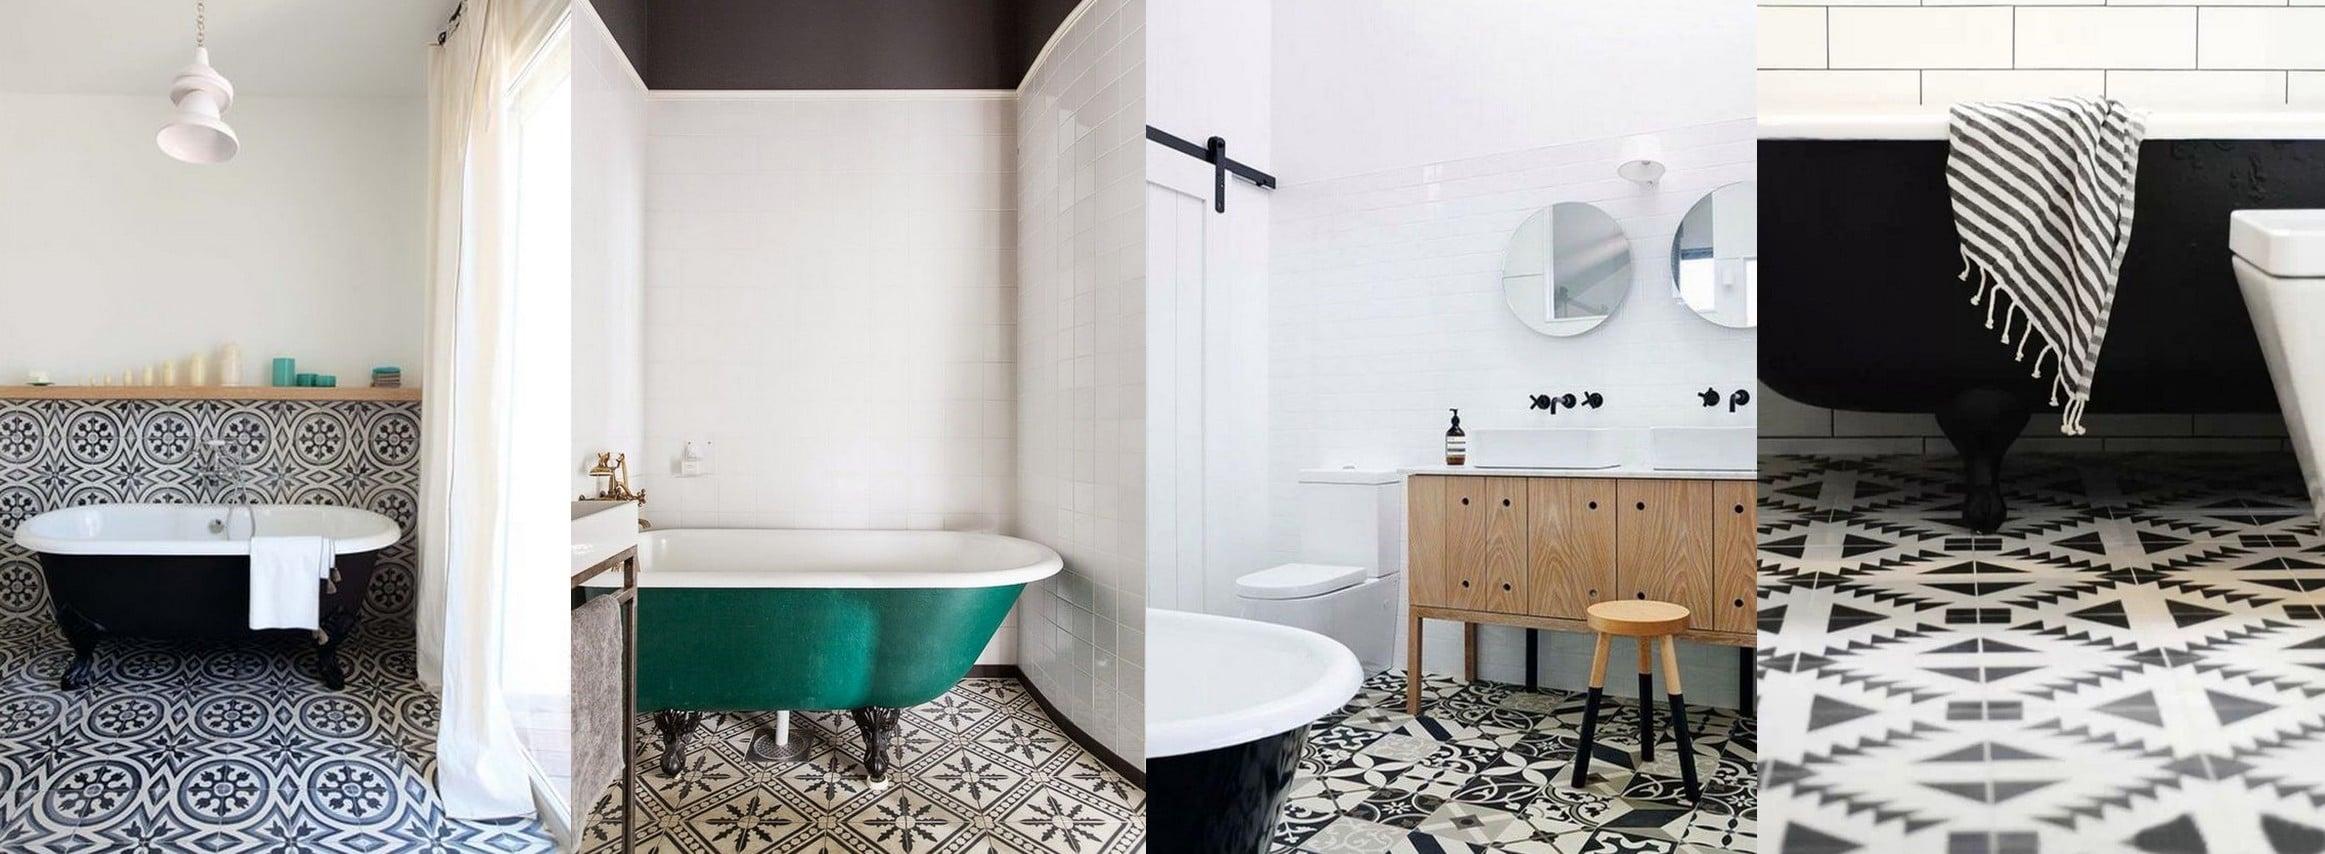 carreaux-salle-de-bain2